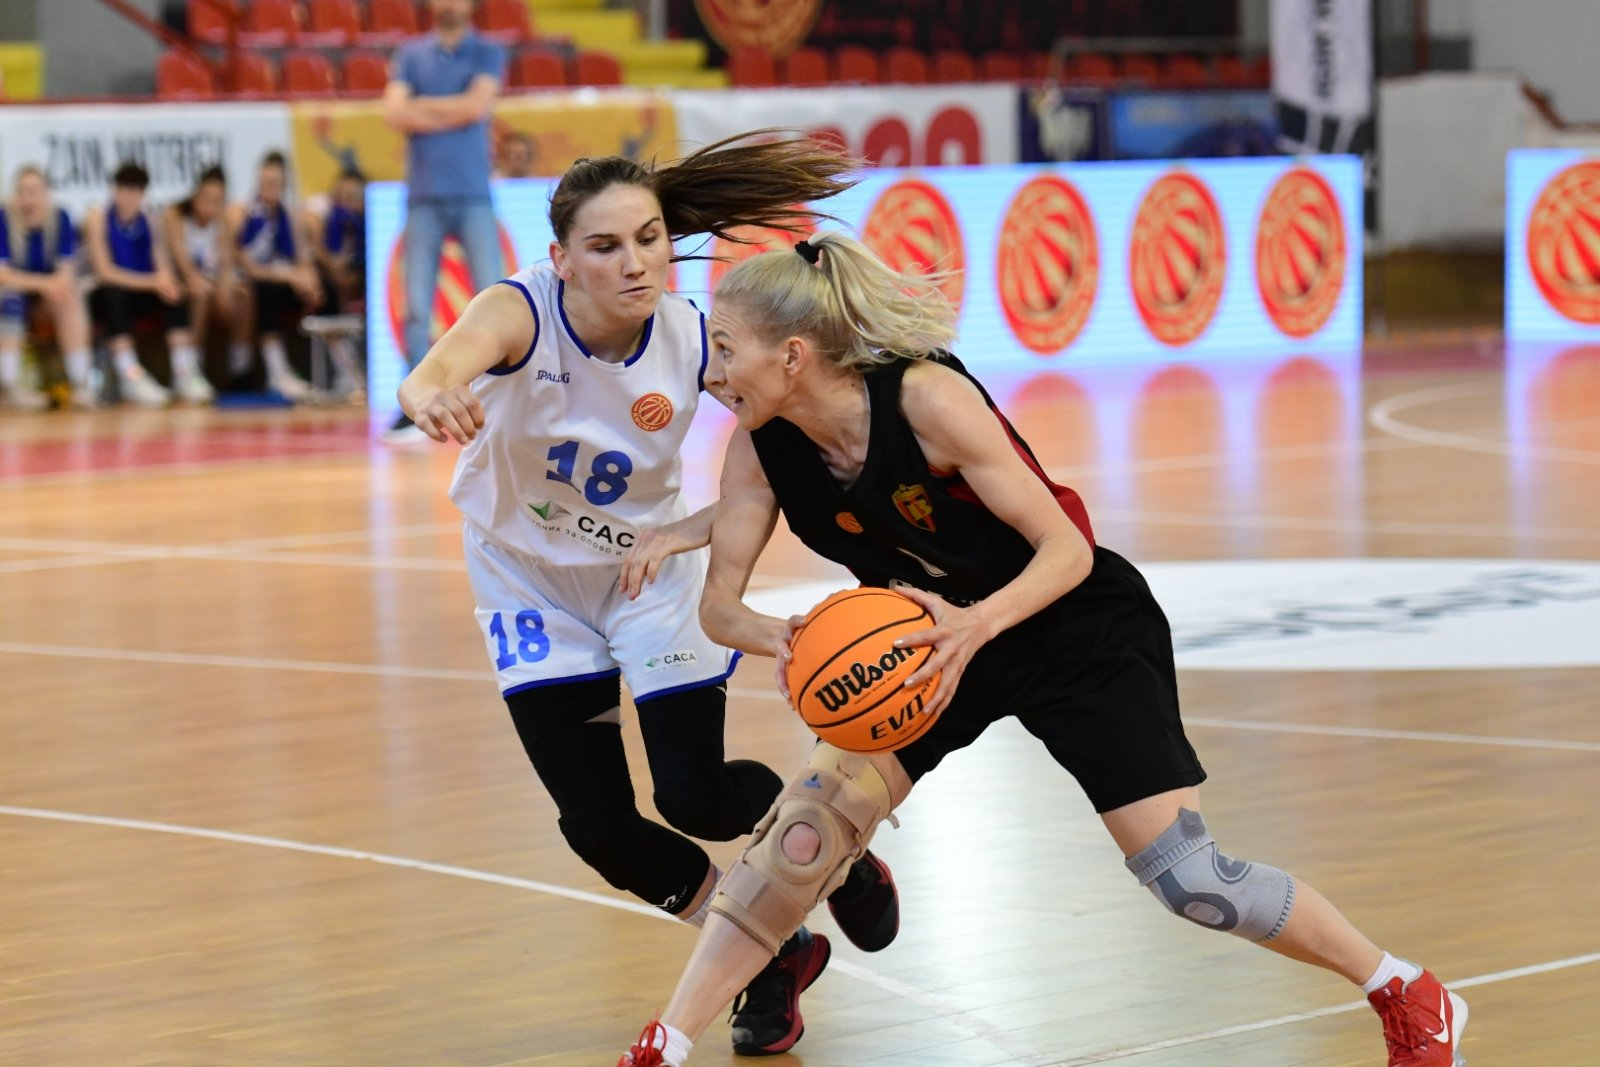 ПРВА ЛИГА-ЖЕНИ – ПЛЕЈ-ОФ: Полуфиналето стартува на 15. мај